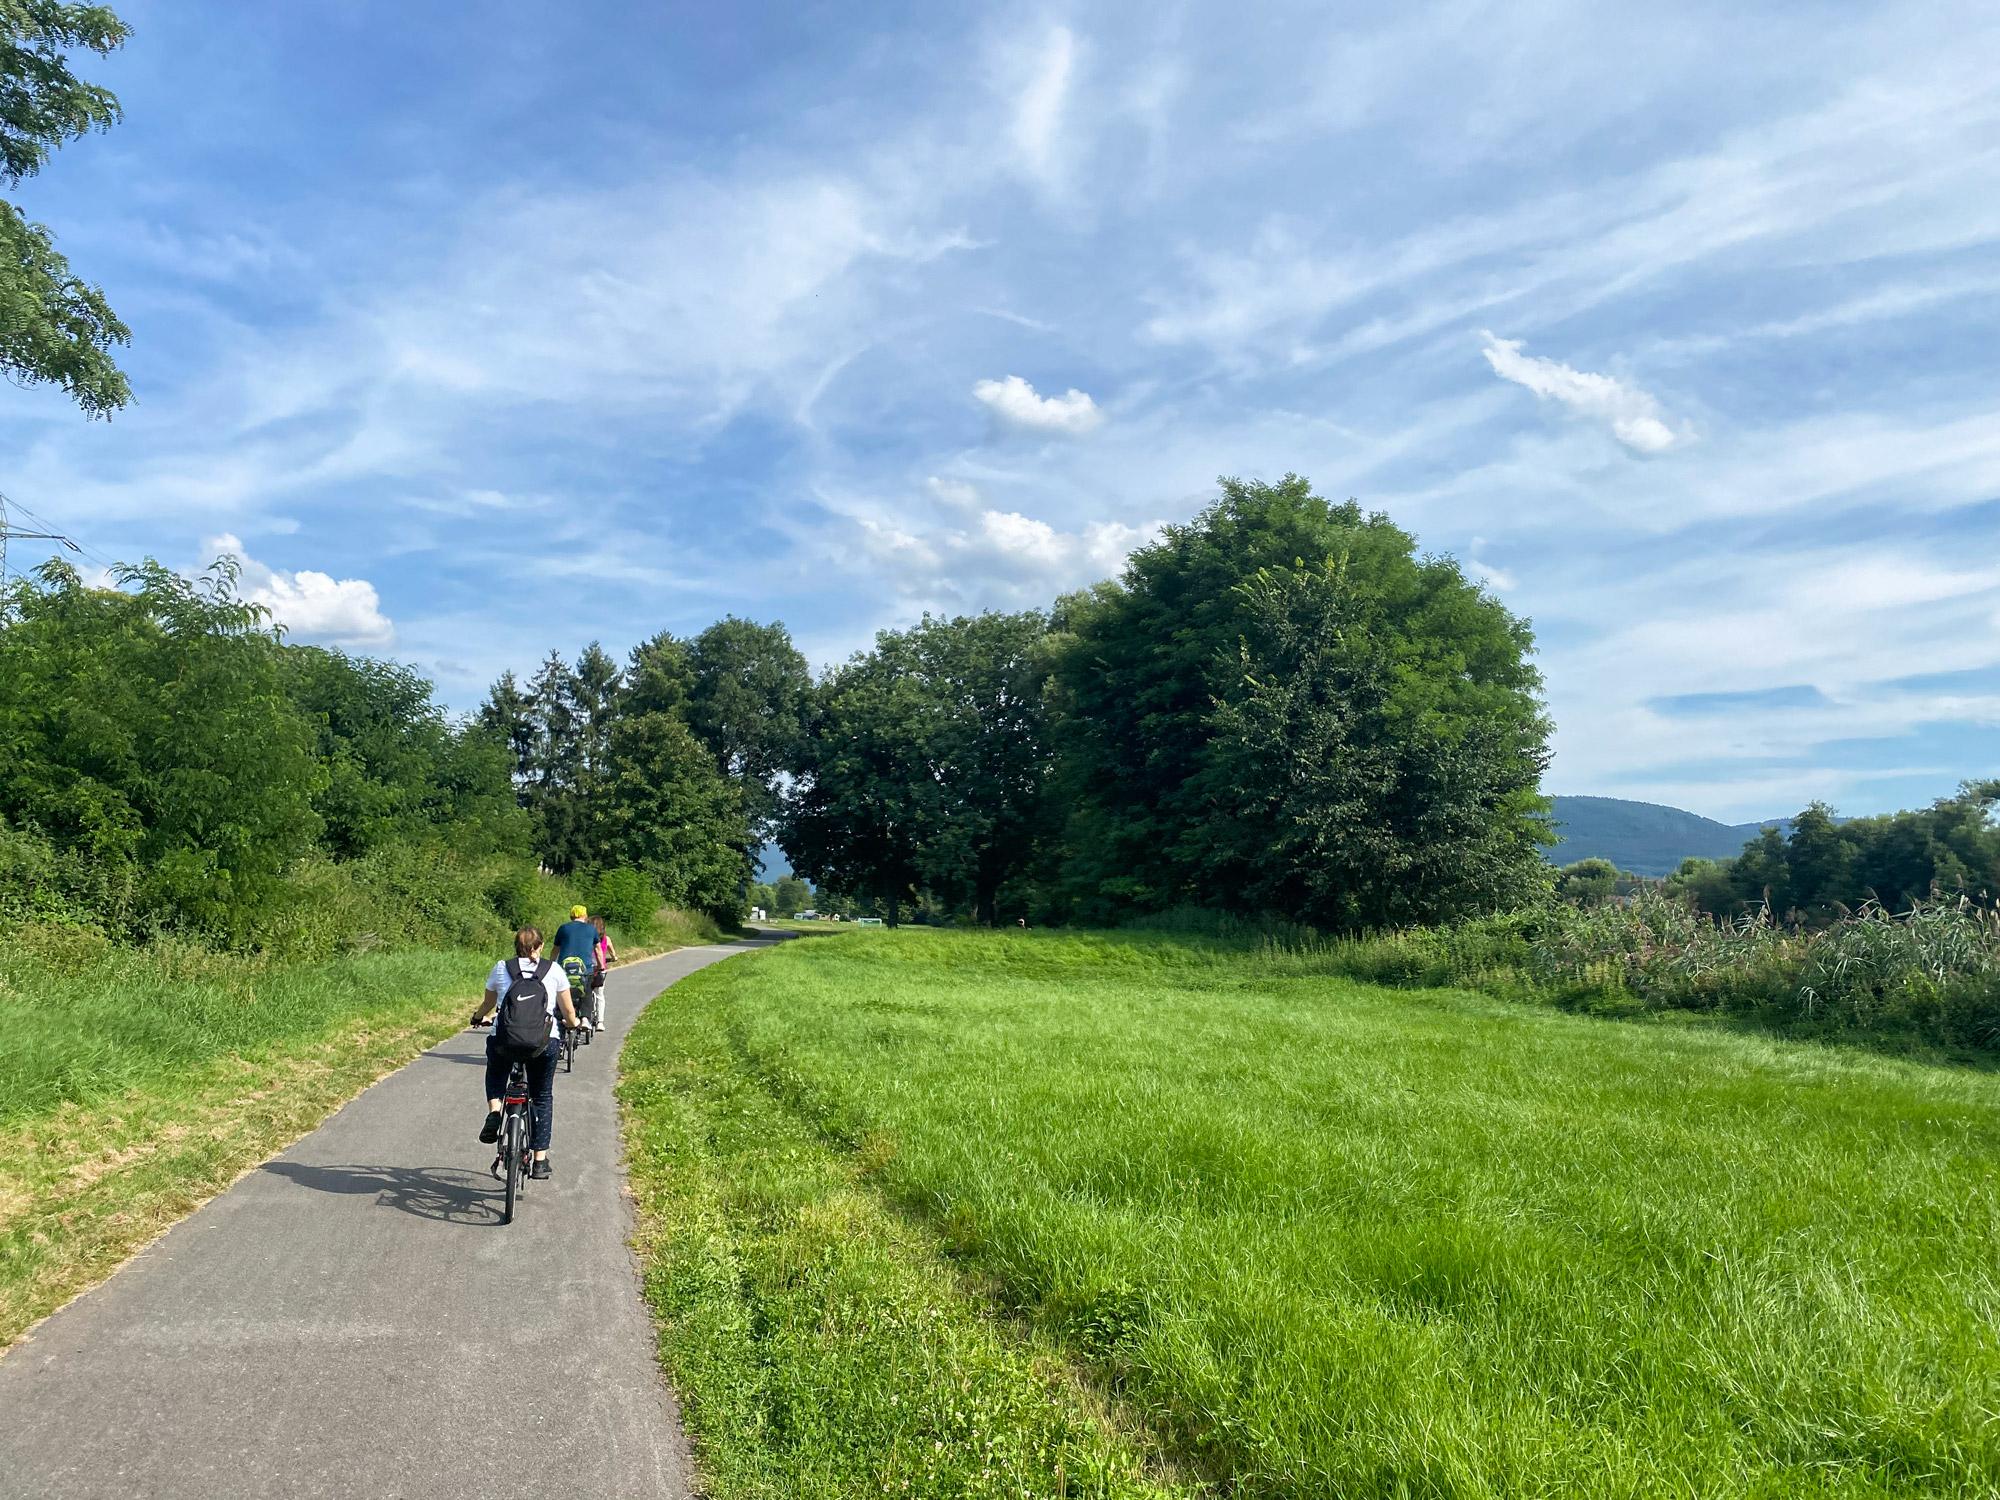 Churfranken - Met de fiets de regio verkennen